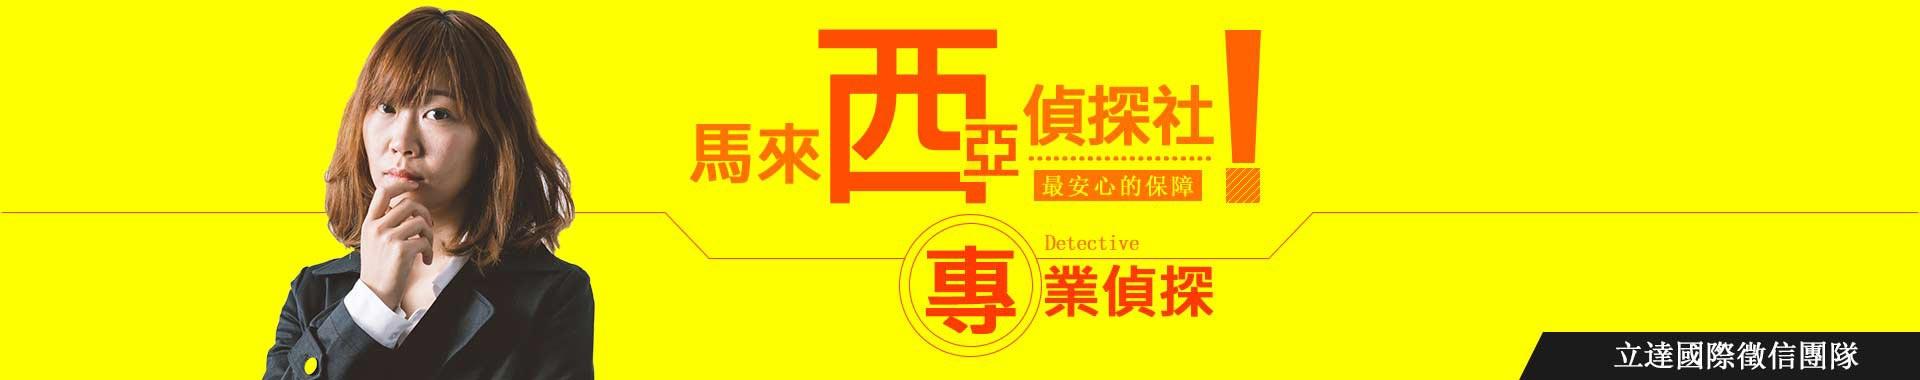 馬來西亞偵探社